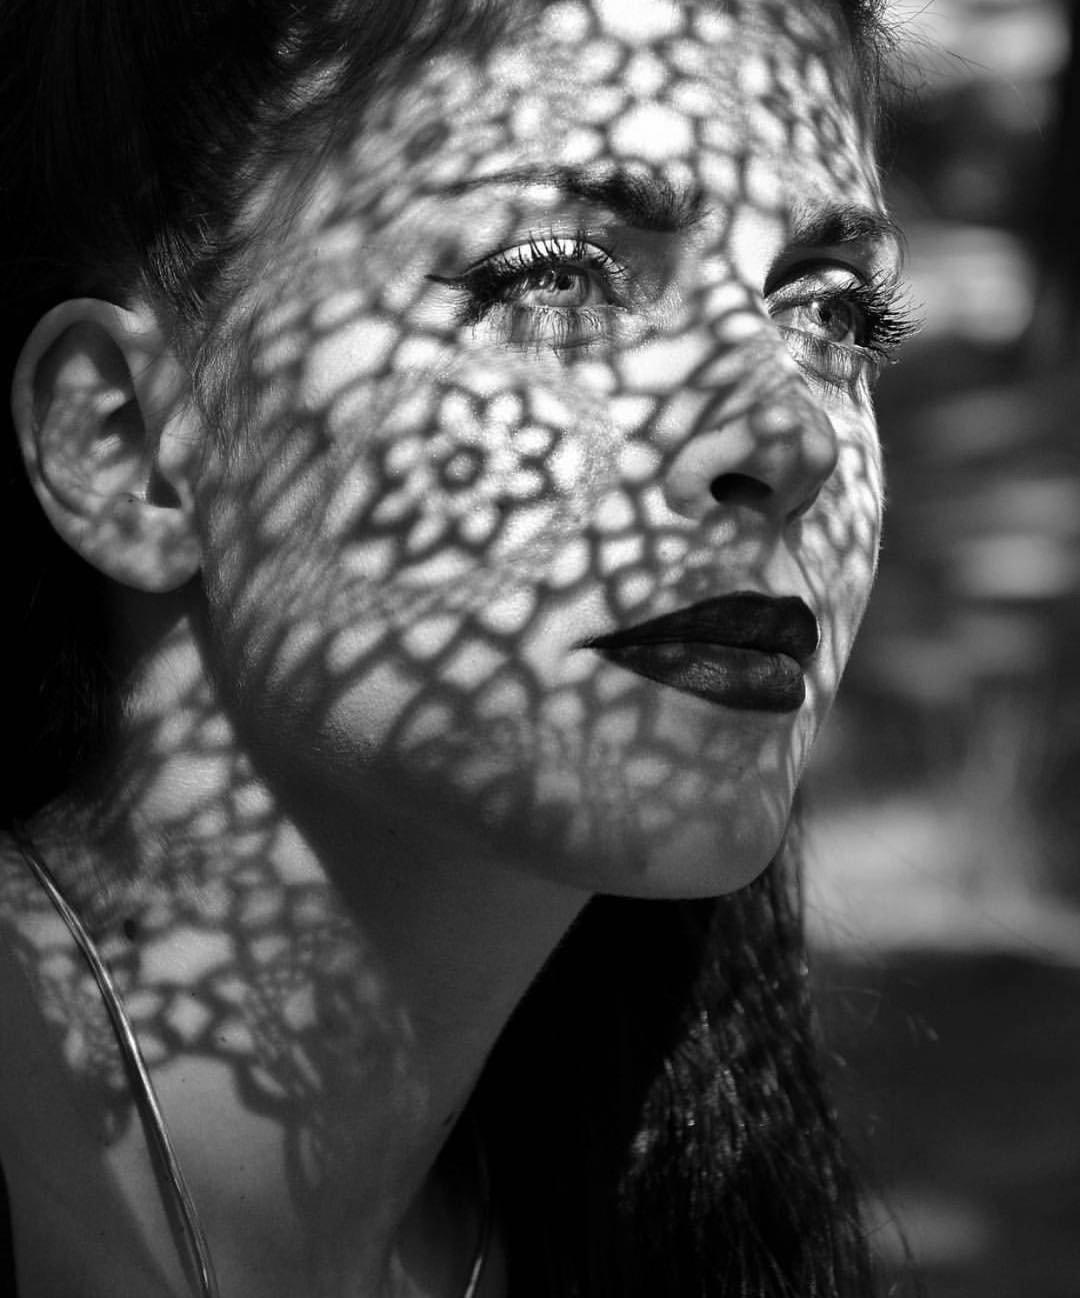 Картинка лица тенями